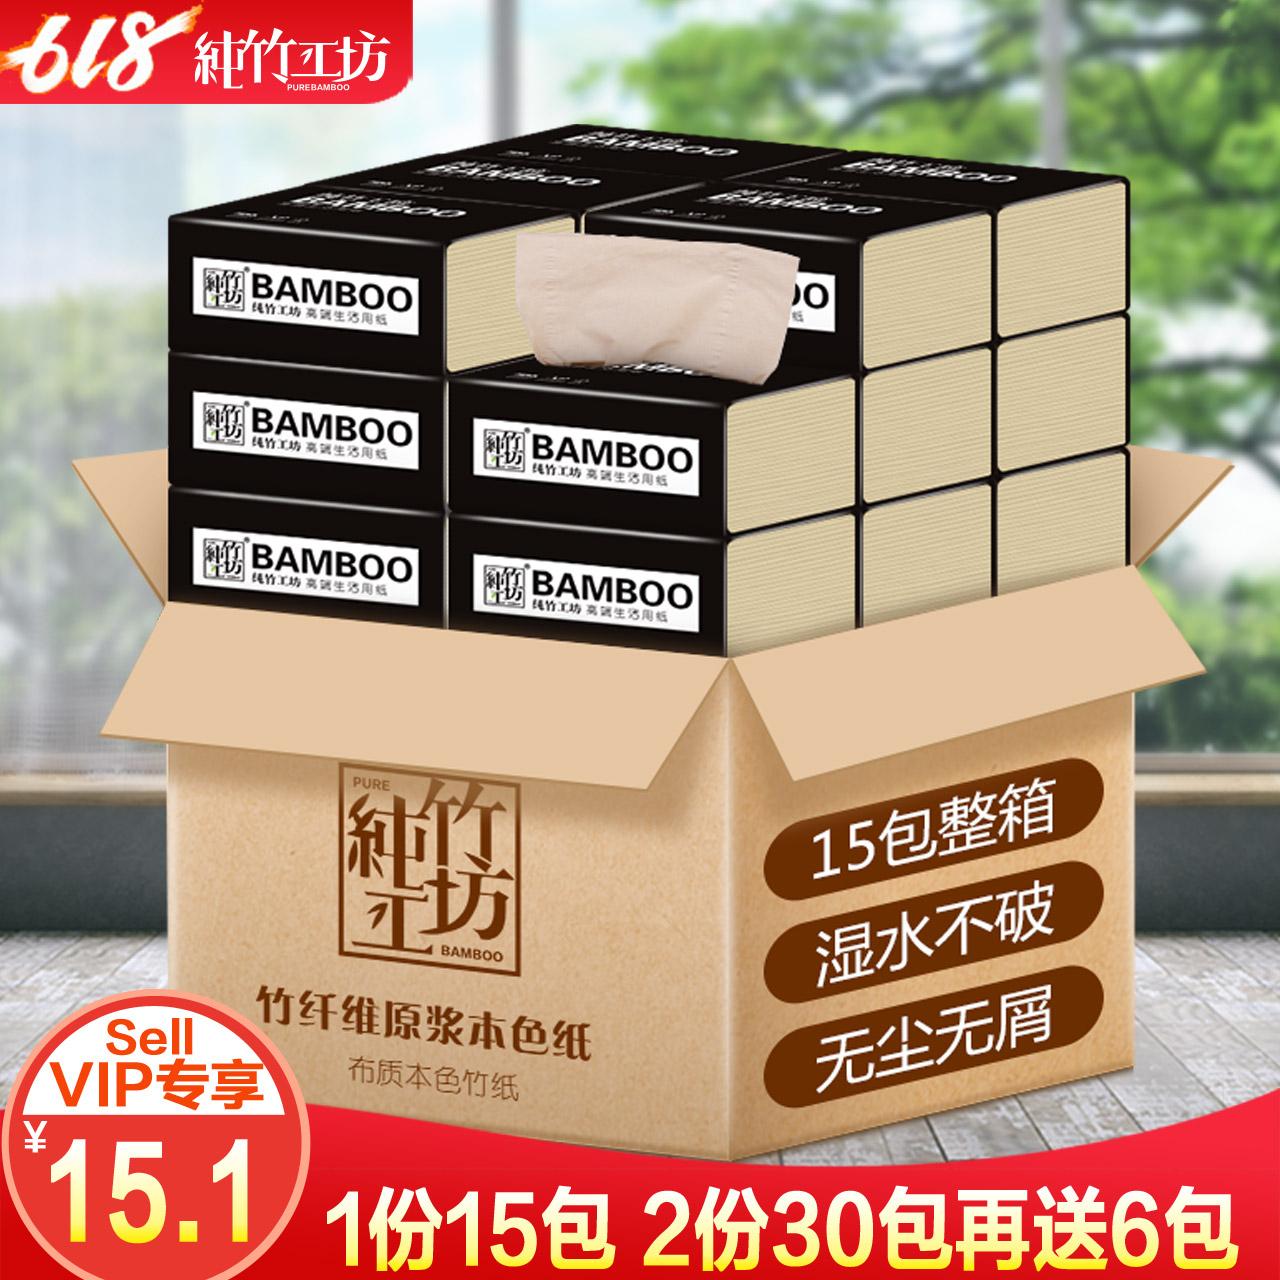 纯竹工坊原浆纸巾抽纸整箱竹浆本色纸卫生纸家用实惠装餐巾纸15包